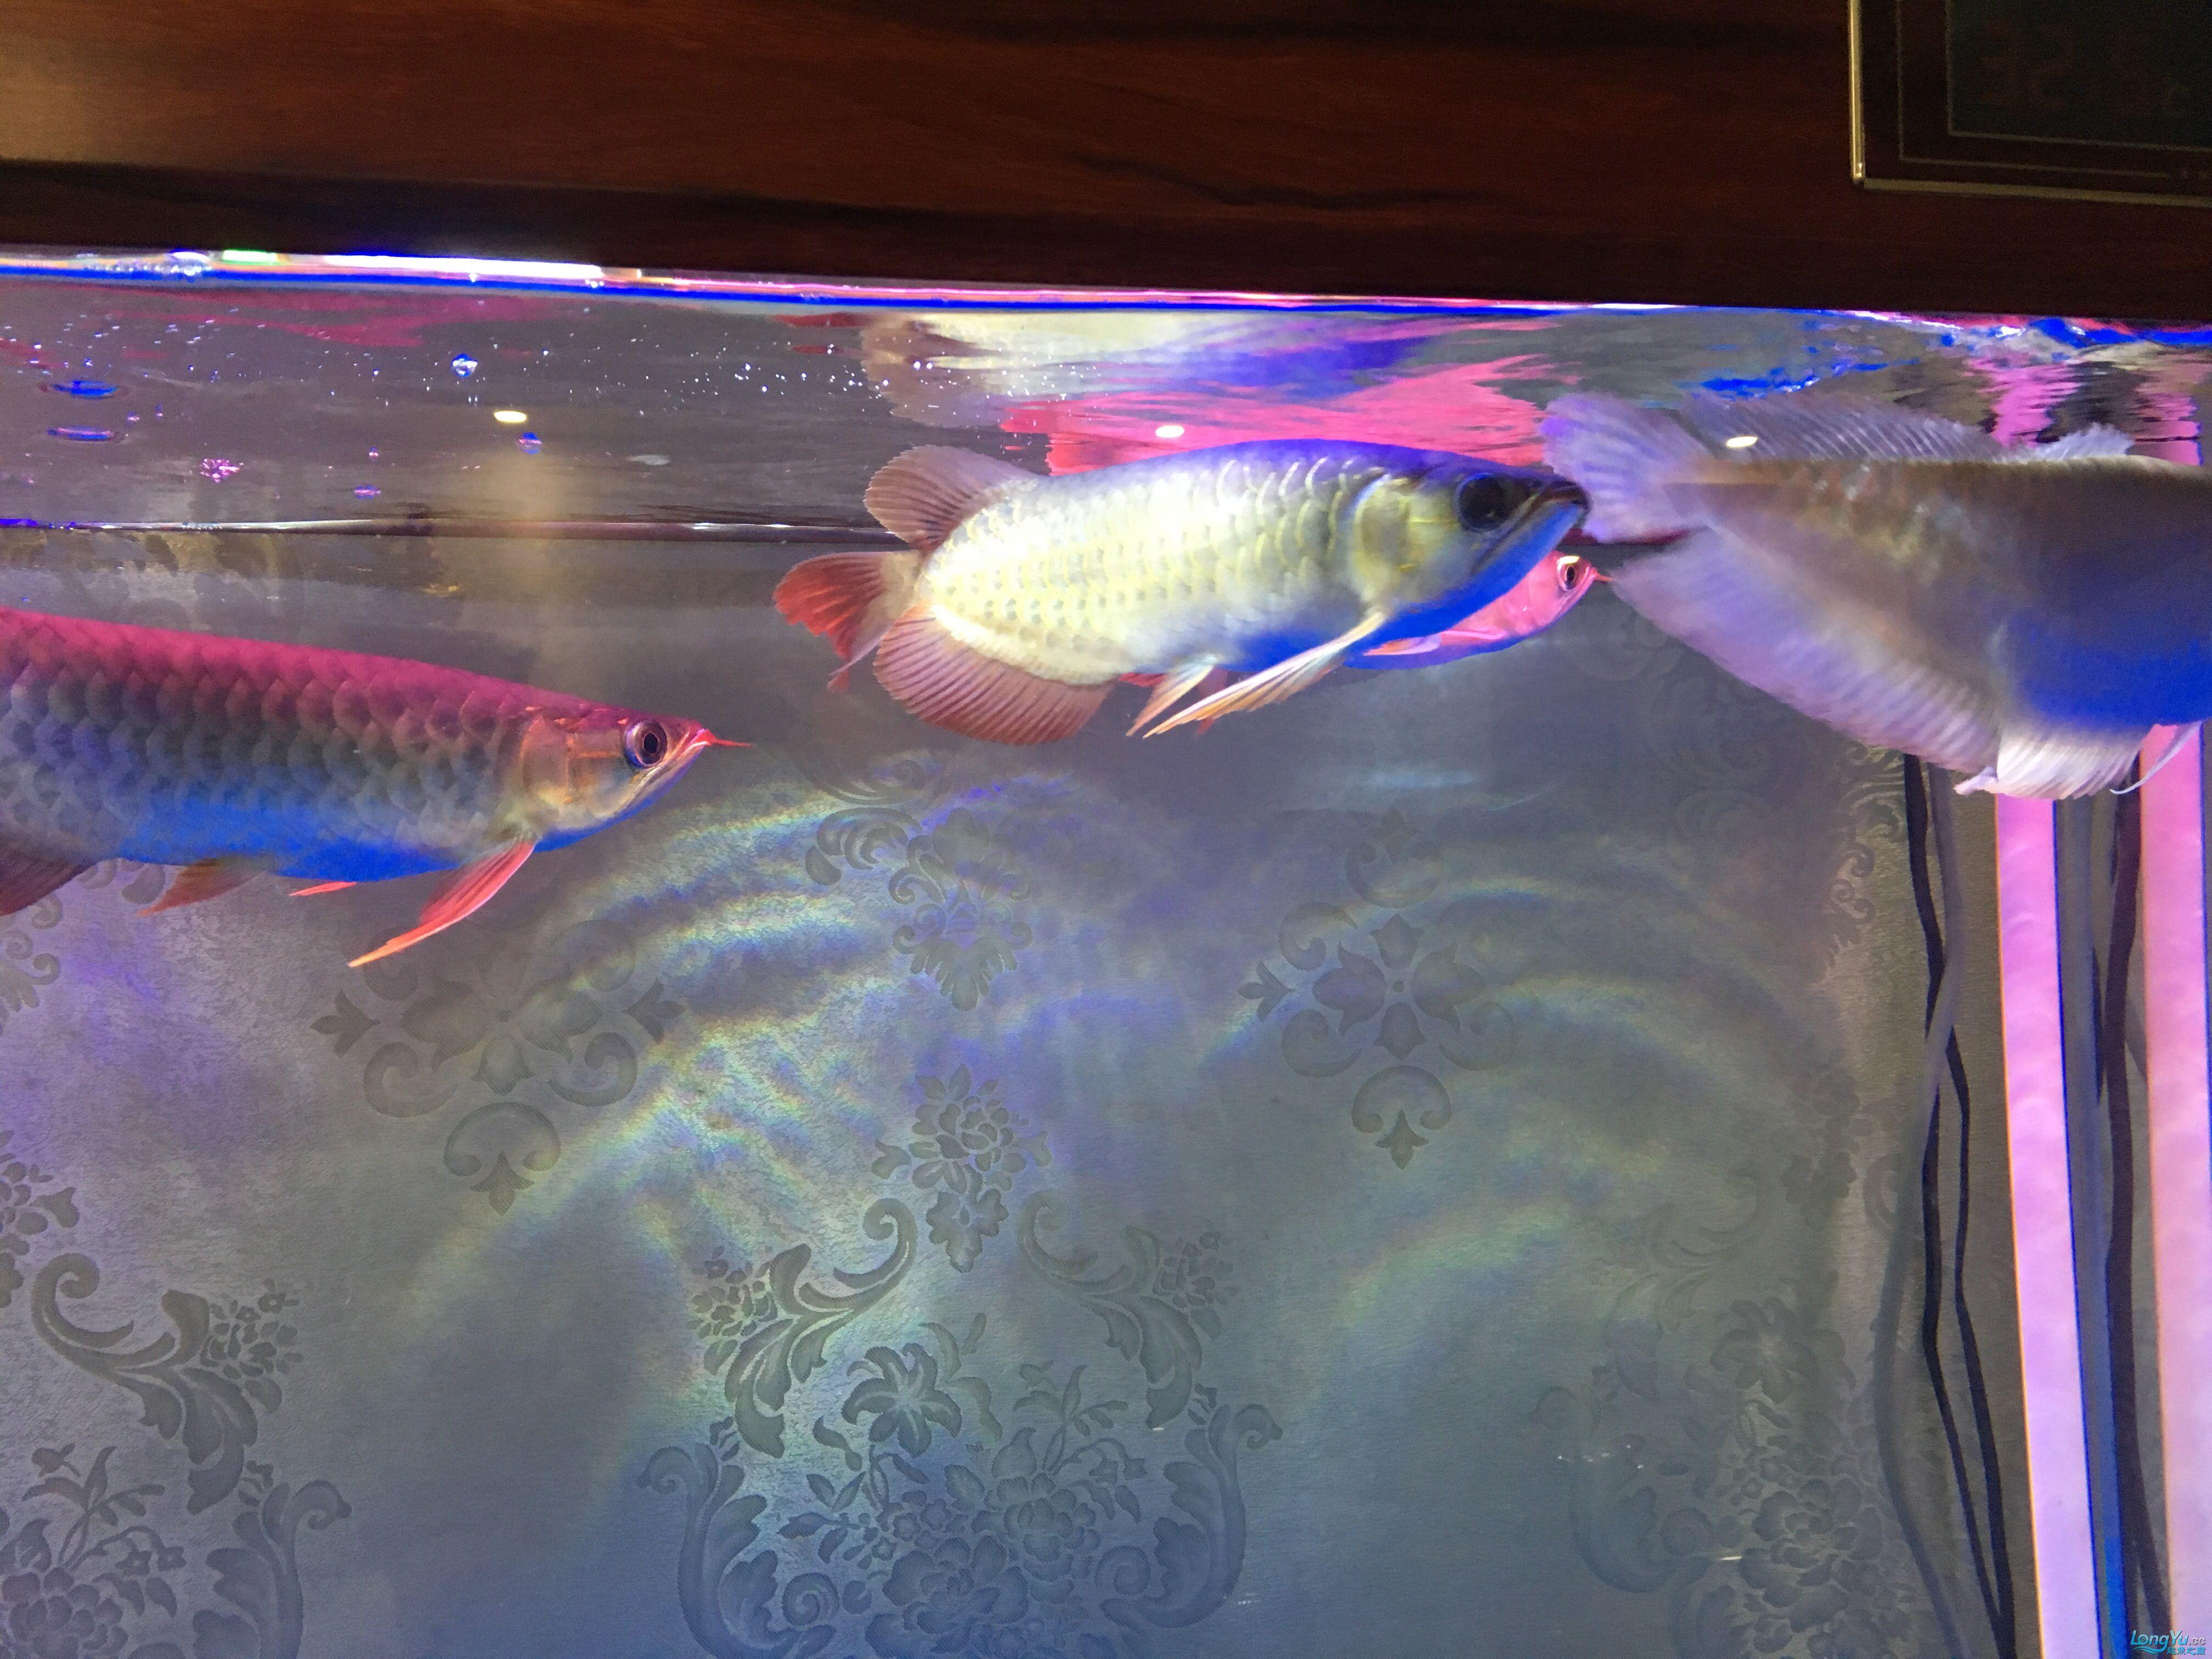 重庆黑鲳鱼价格那位鱼友给我看看龙的质量 重庆观赏鱼 重庆水族批发市场第6张